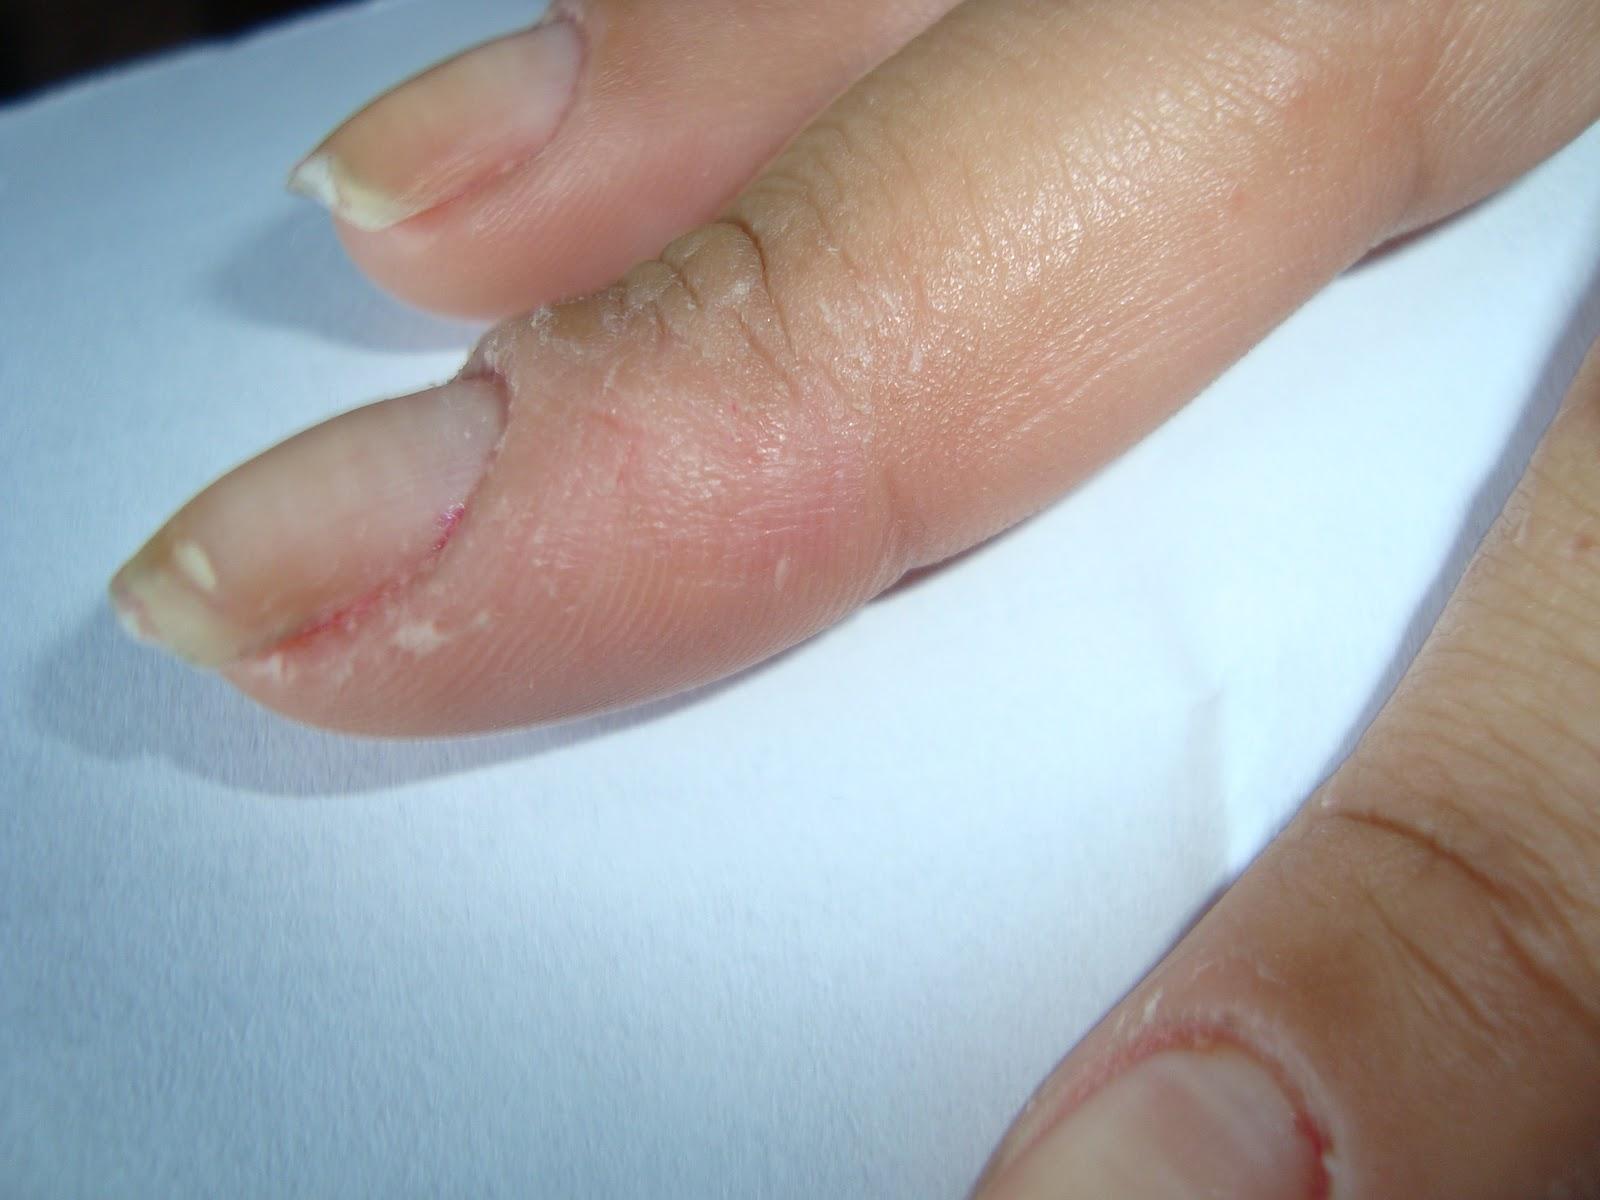 Unguentos de um fungo em pele de corpo